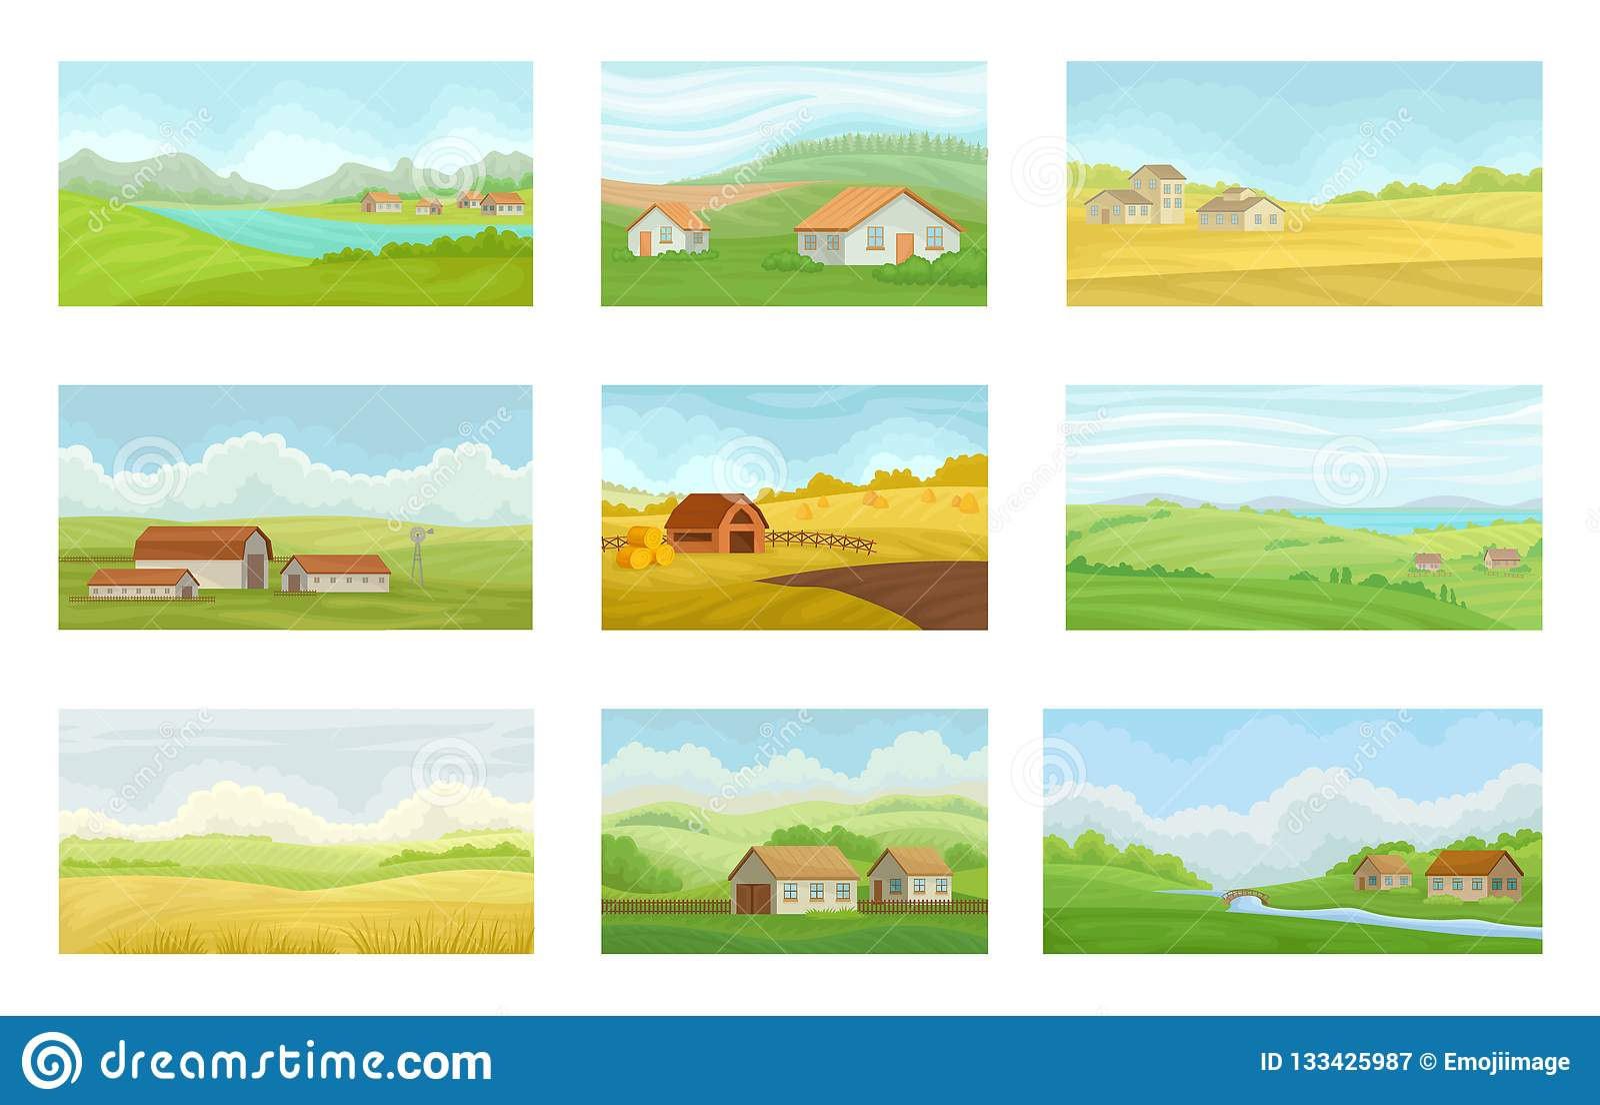 Samling av lantliga landskap för sommar med byhus, äng med grönt och gult gräs, åkerbrukt och att bruka